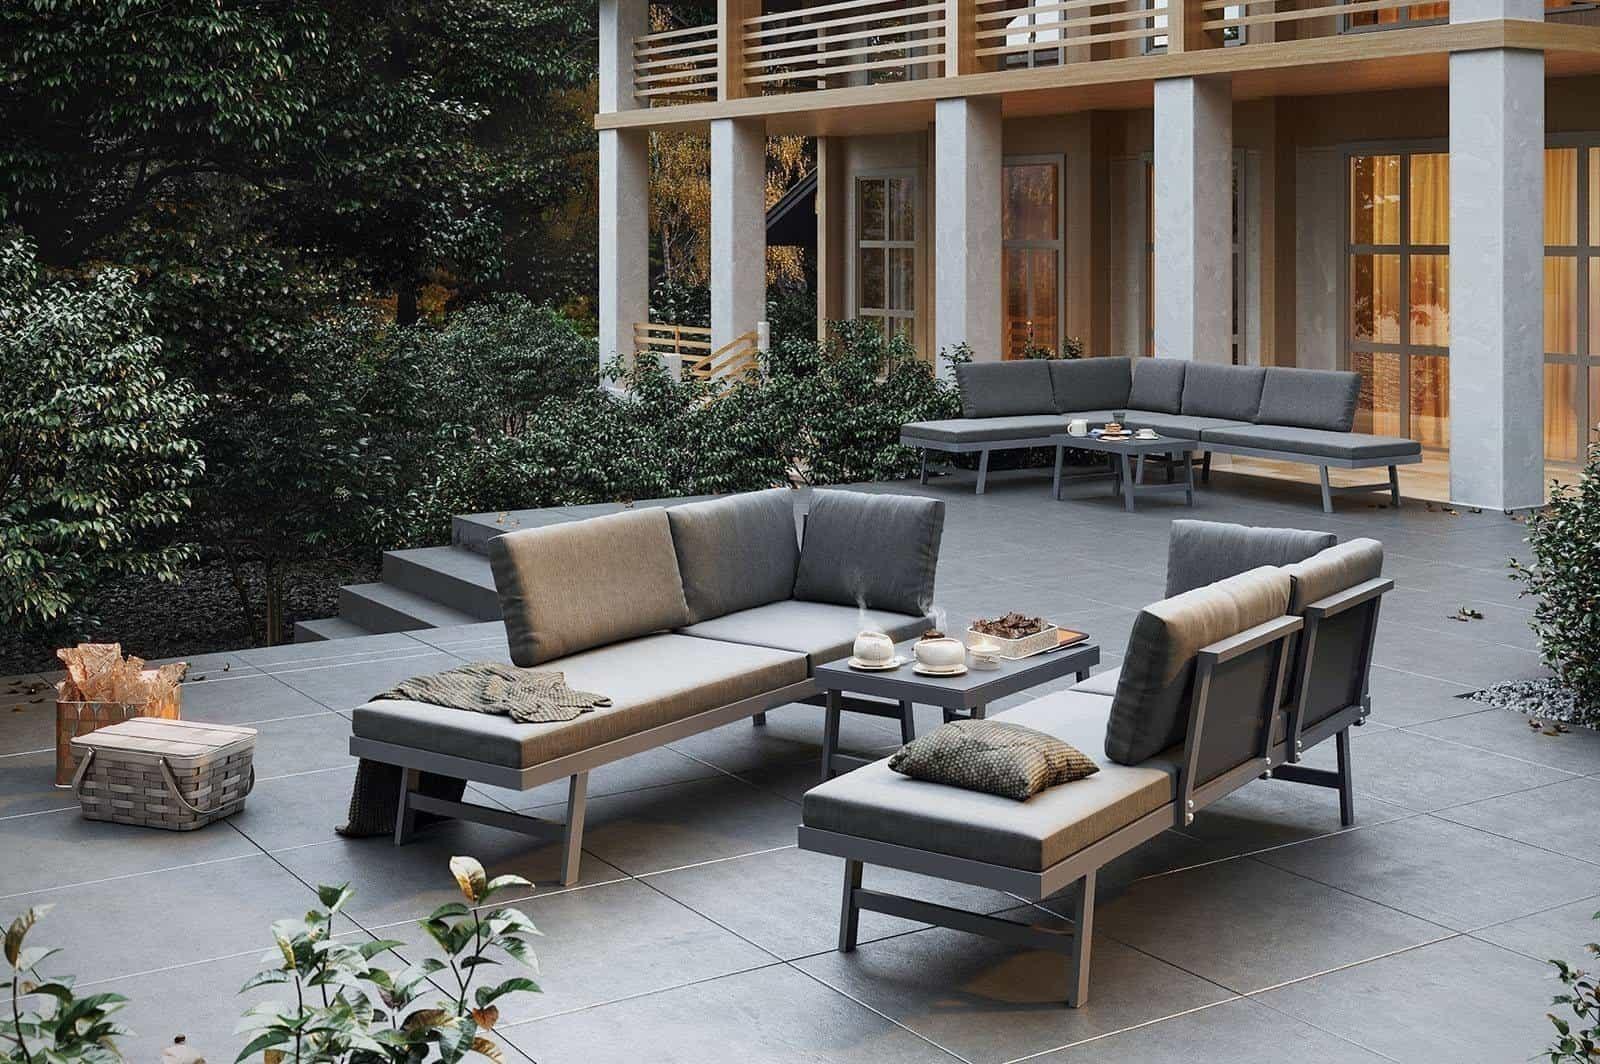 Metalowe meble do ogrodu – oryginalne propozycje na aranżację